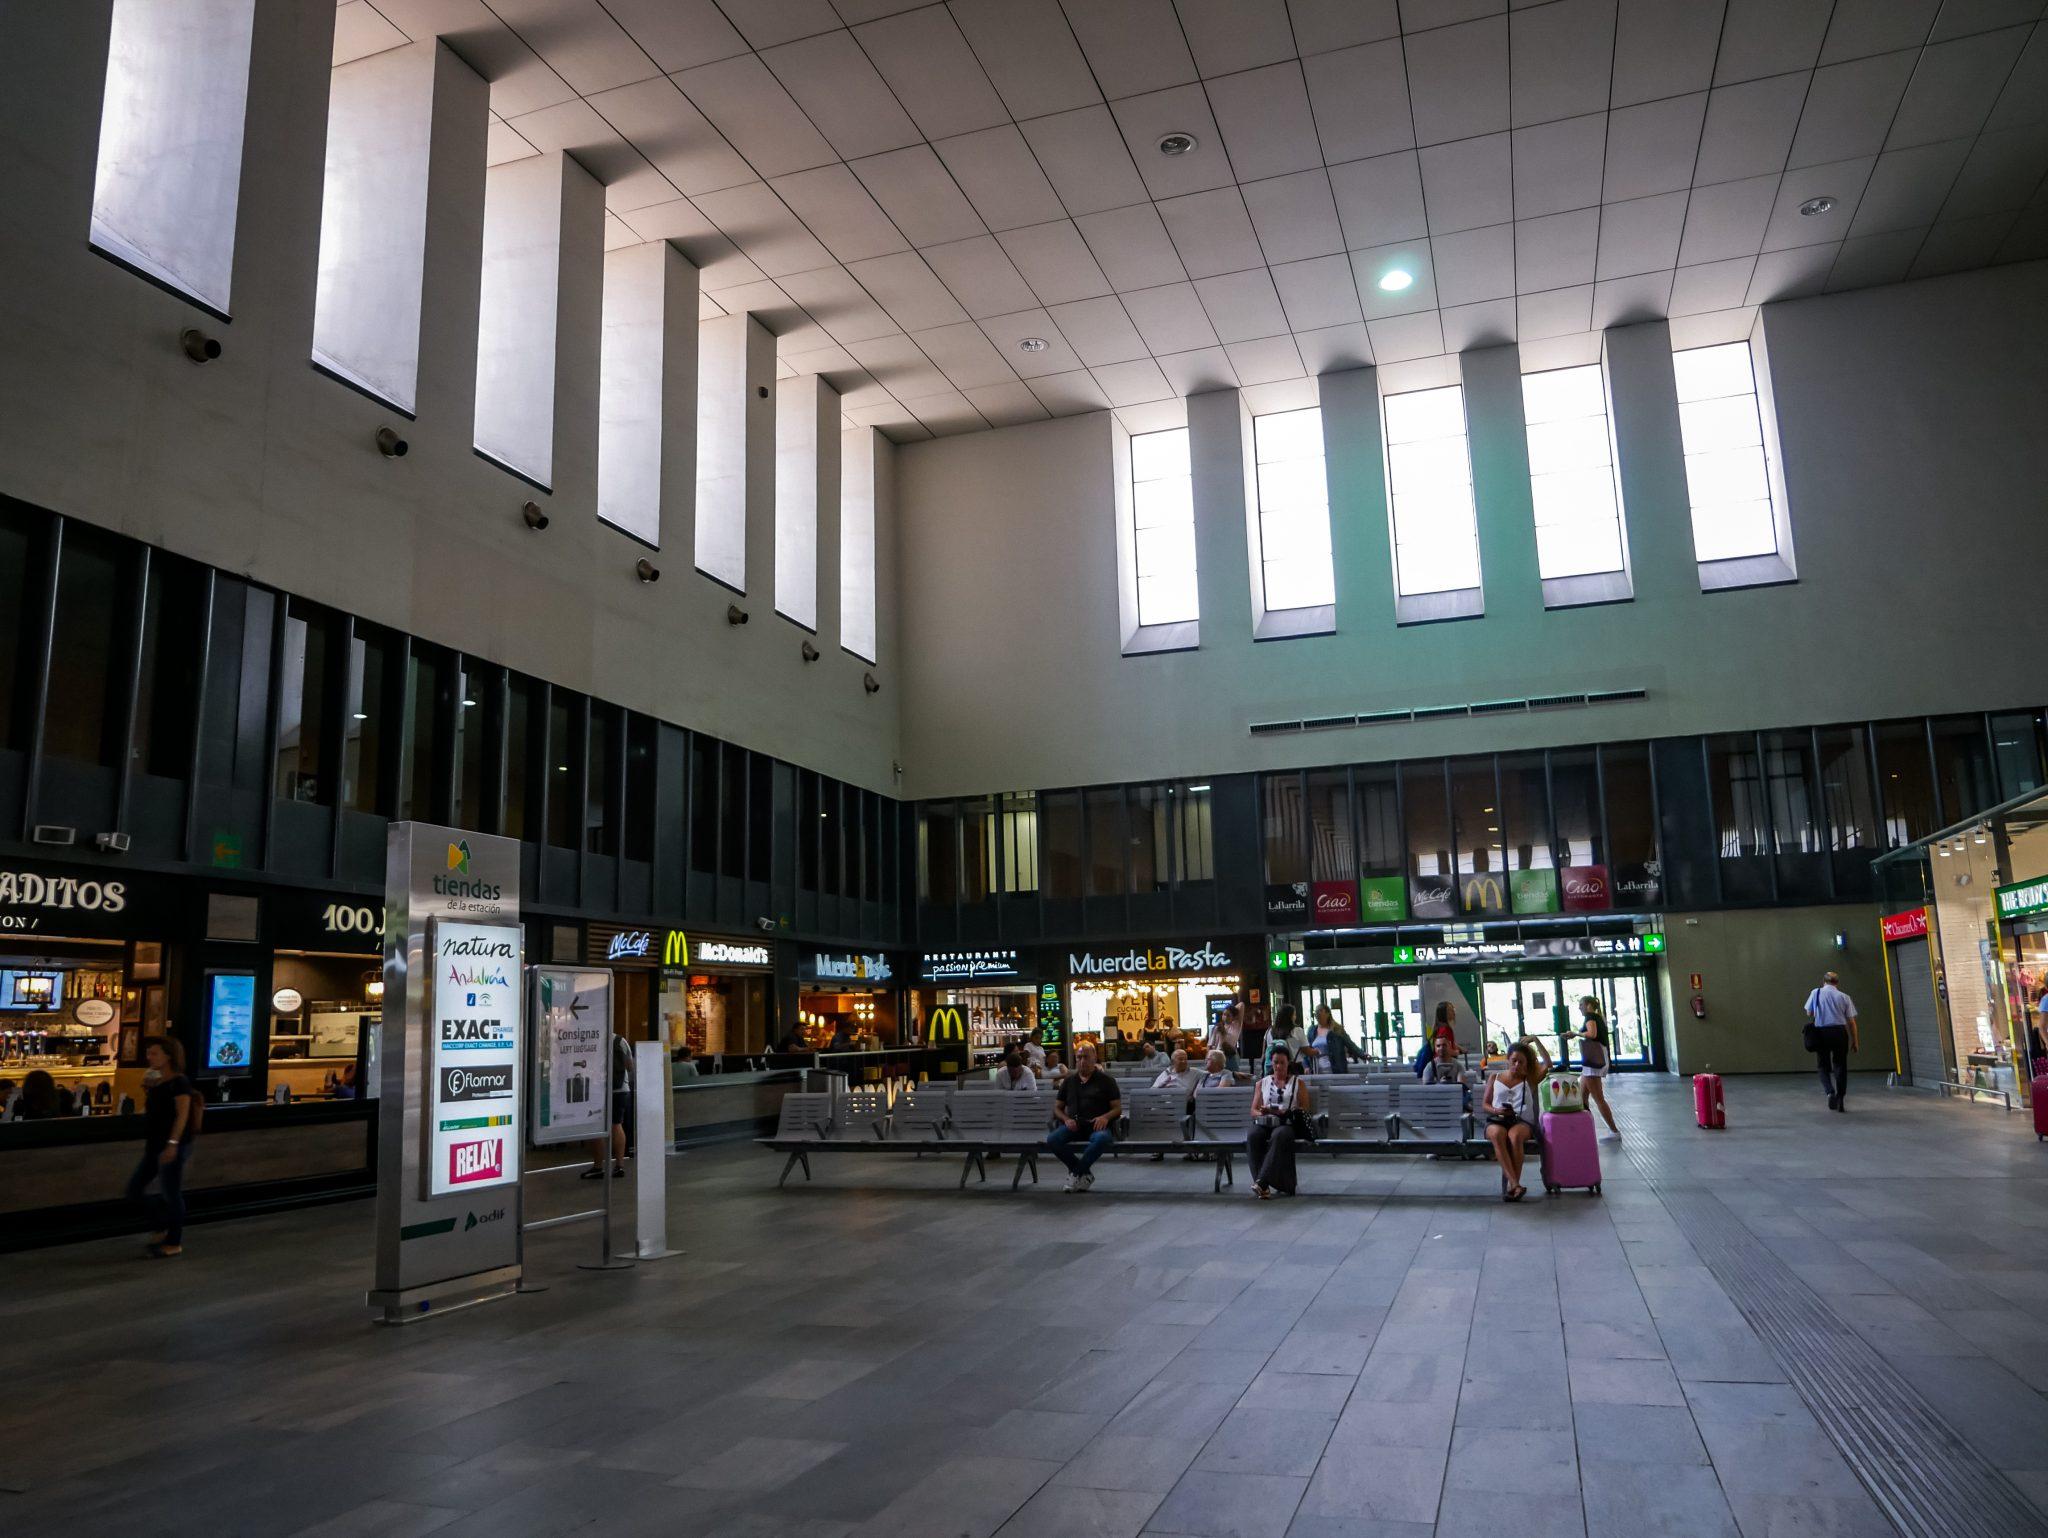 """Das ist eine Seite des Wartebereichs von Sevillas Hauptbahnhof """"Santa Justa""""."""